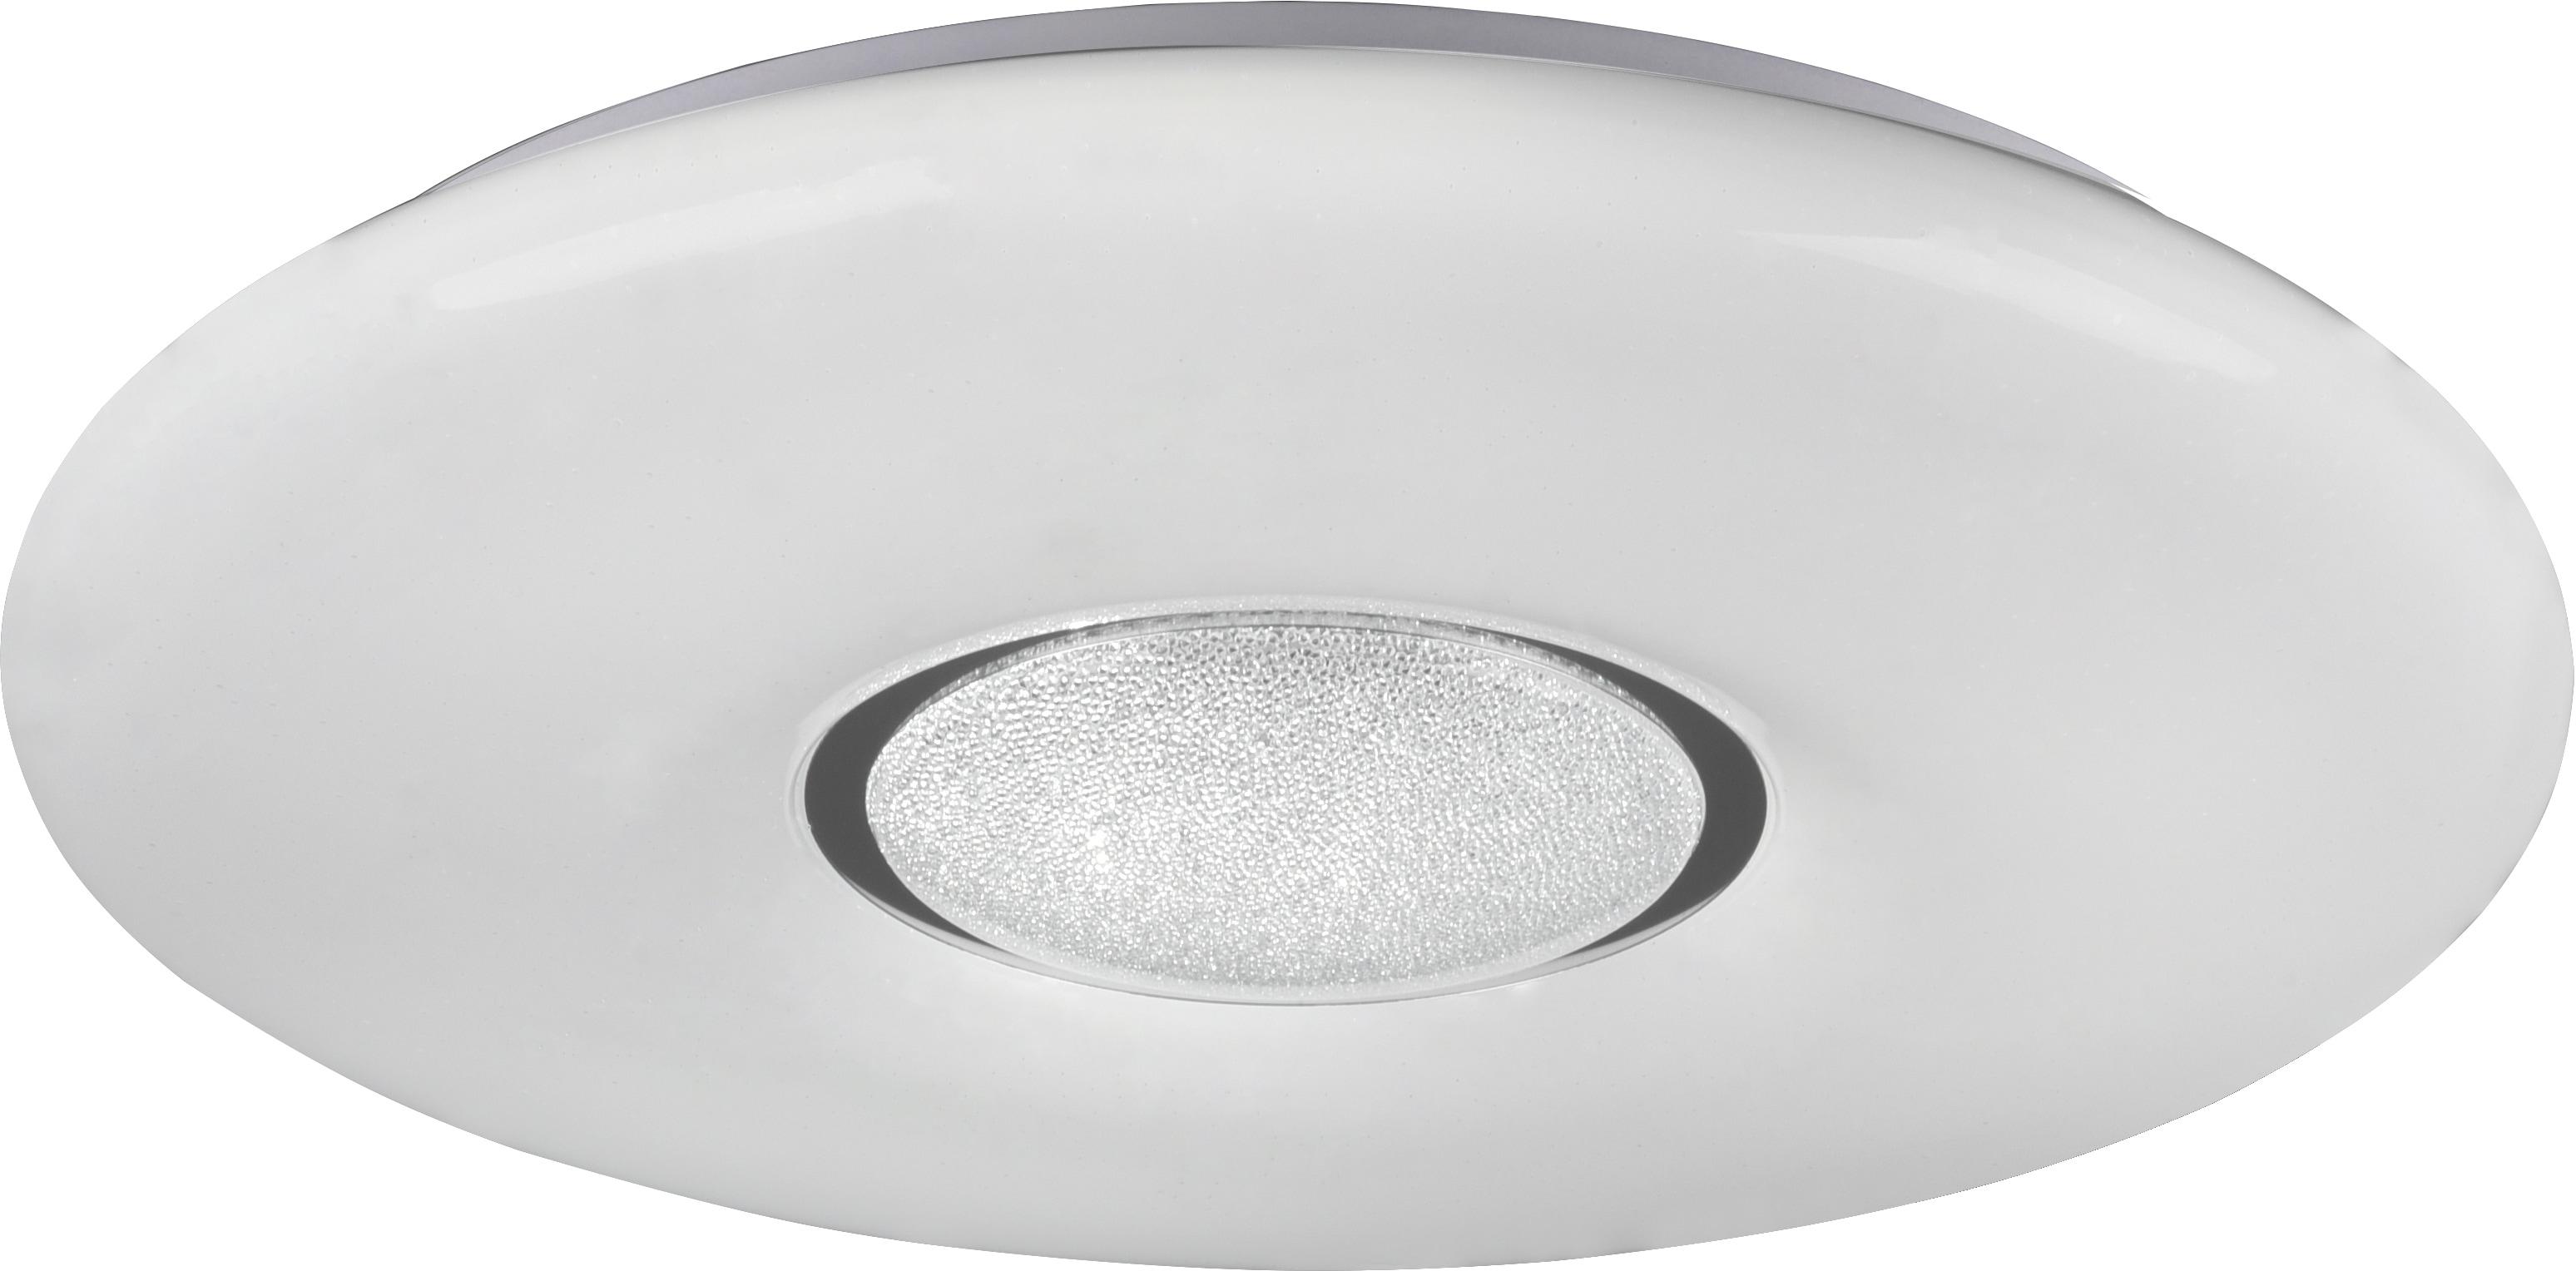 TRIO Leuchten LED Deckenleuchte Lia, LED-Modul, Farbwechsler